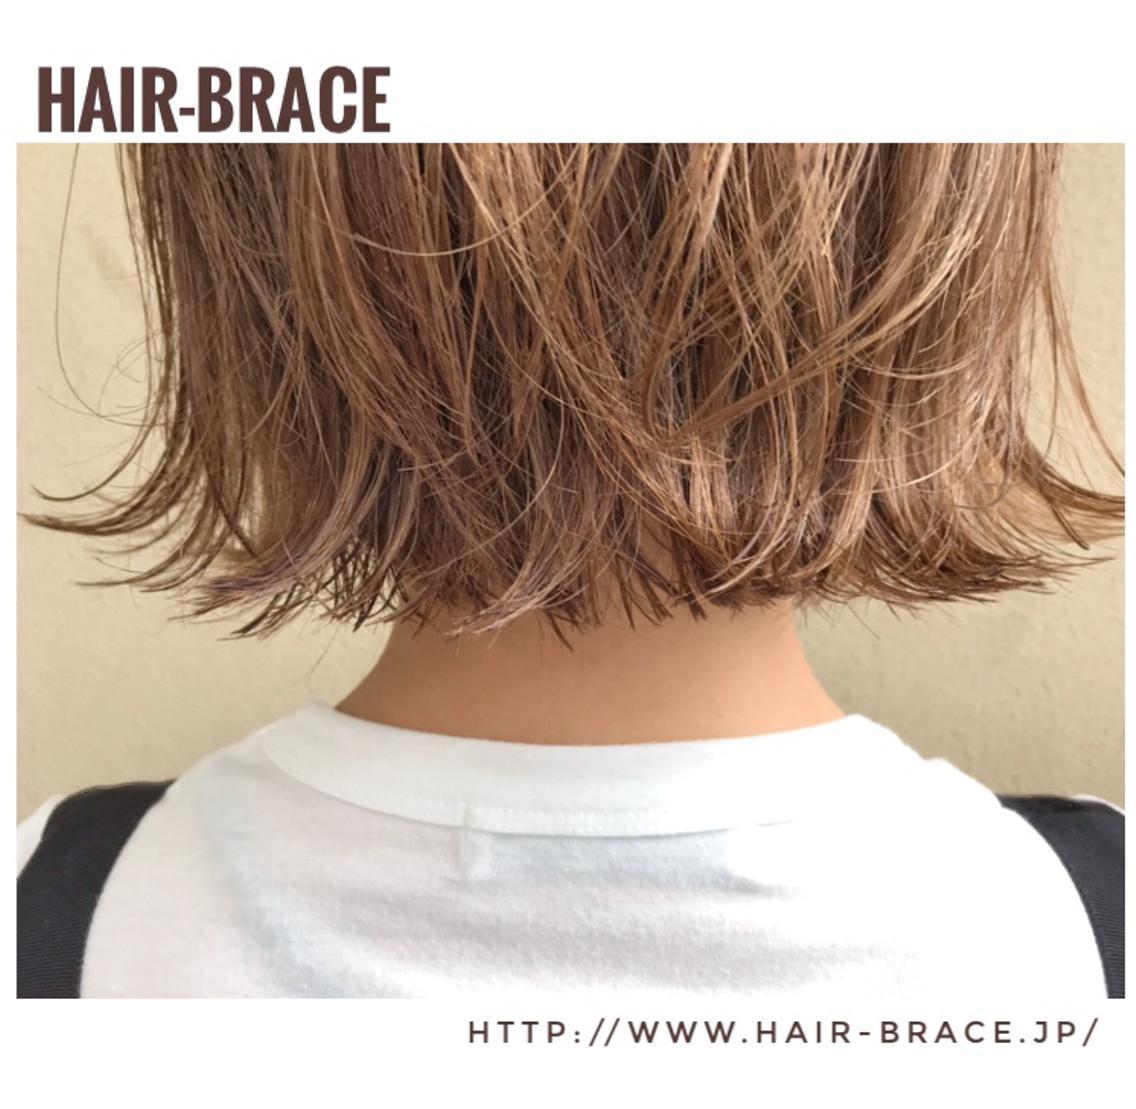 hair-brace所属・カラーリスト✨菅野竜矢✨の掲載